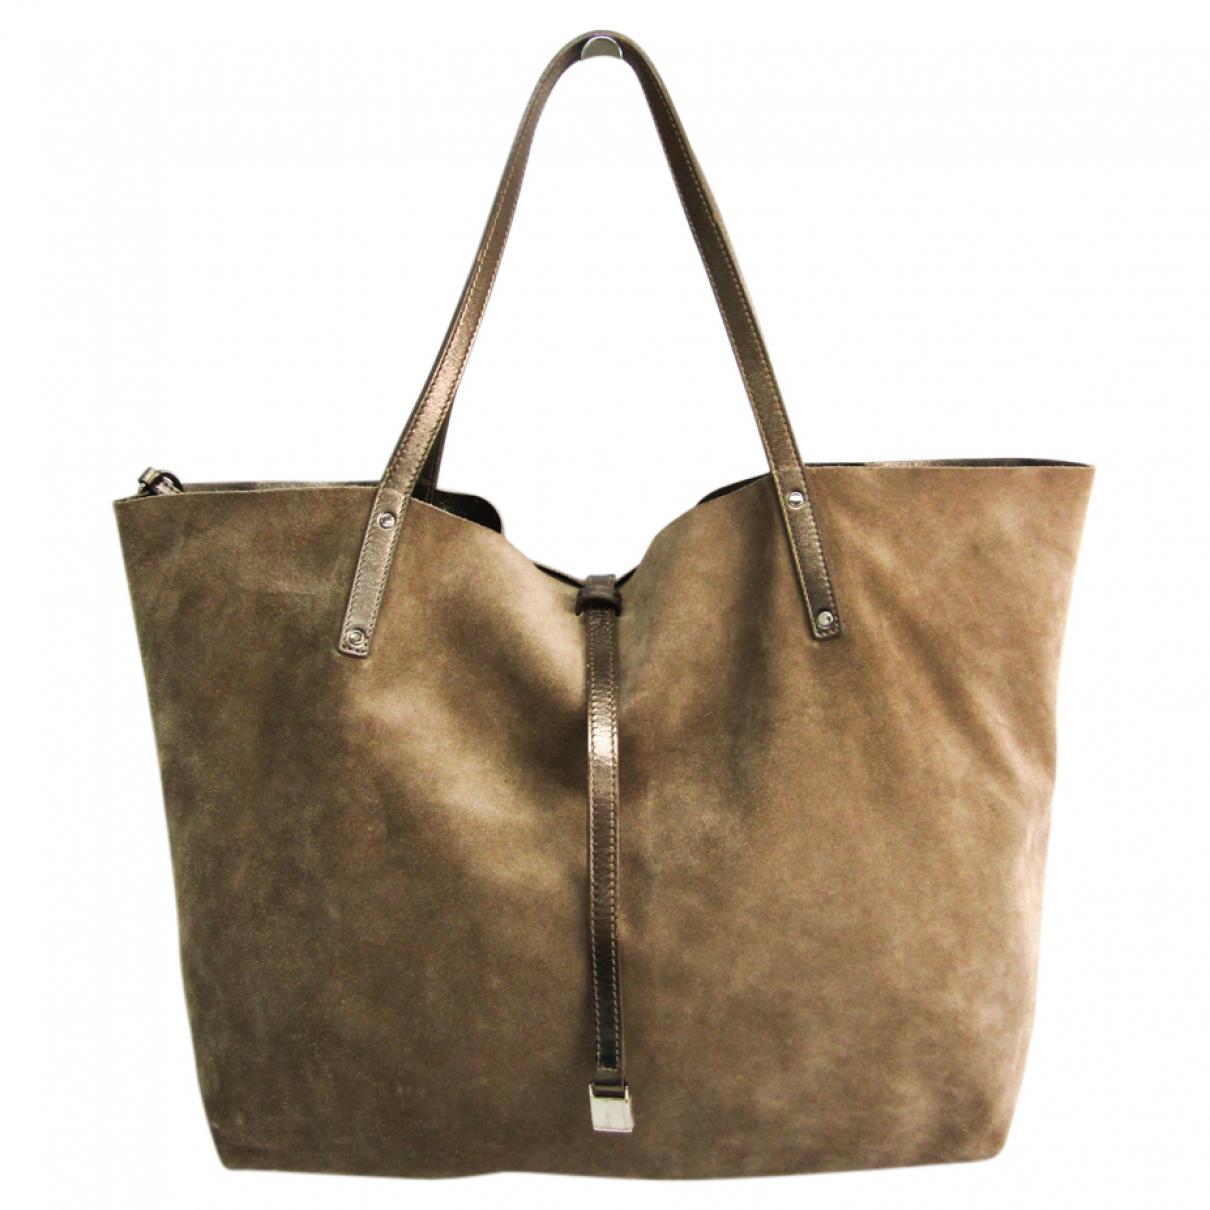 Tiffany & Co \N Handtasche in  Braun Leder